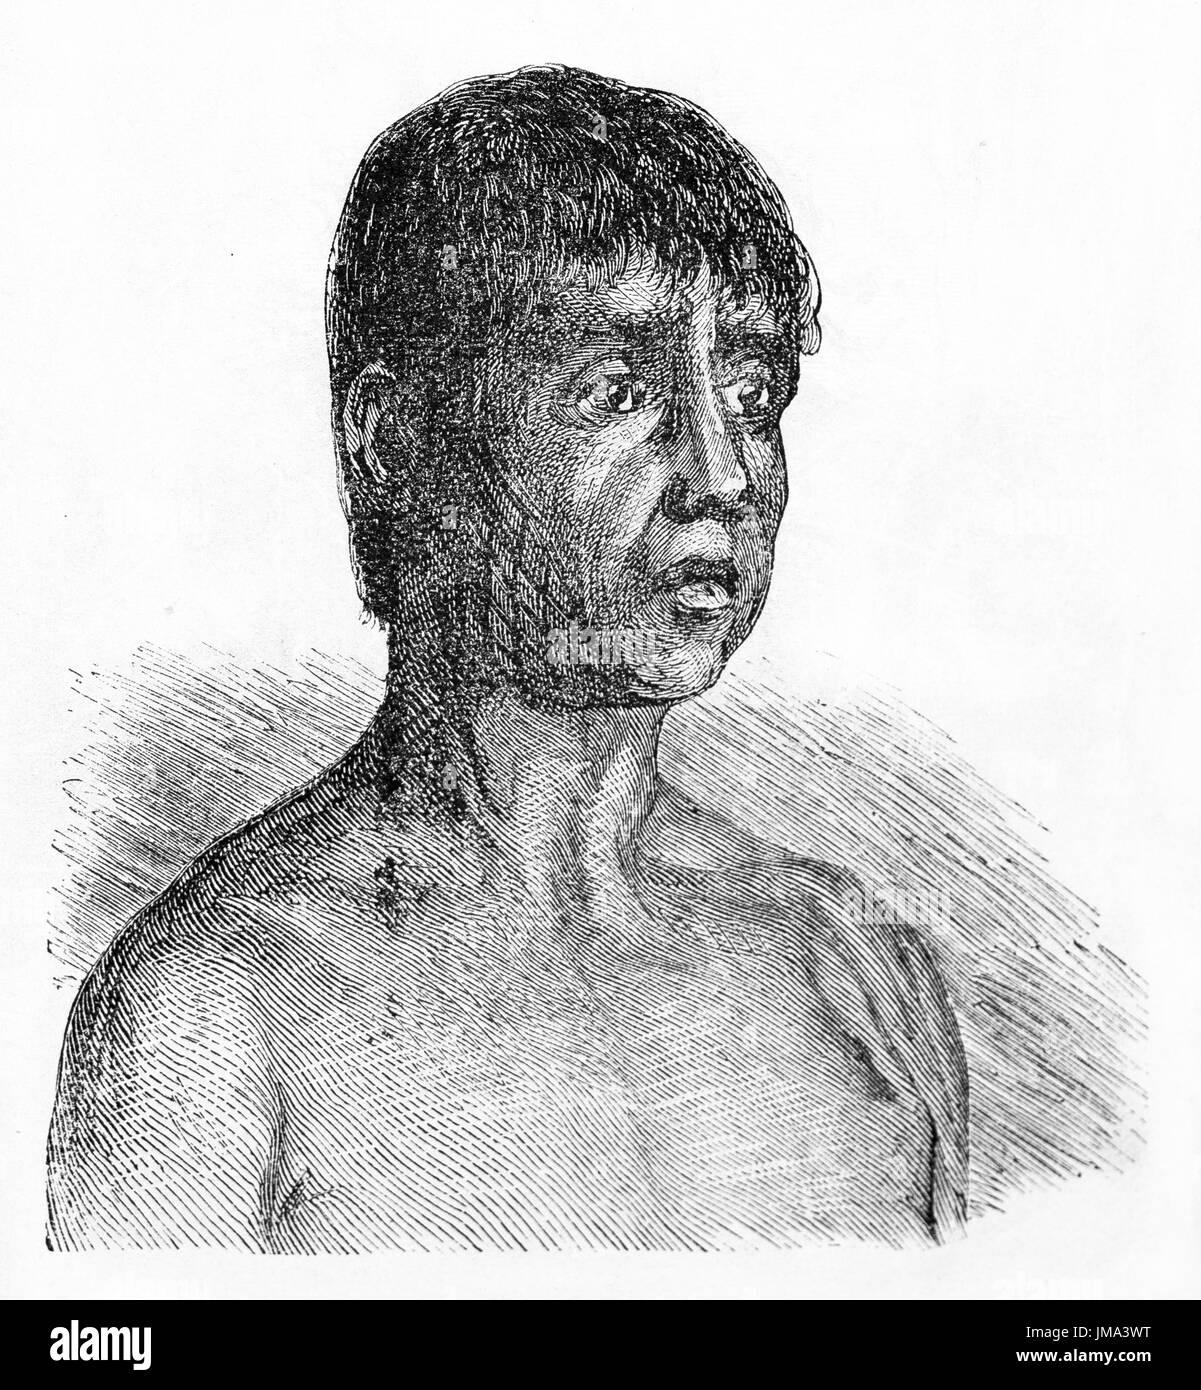 Old engraved portrait of Maoes man, Amazon region, Brazil. By unidentified author, published on Le Tour du Monde, Paris, 1861. - Stock Image